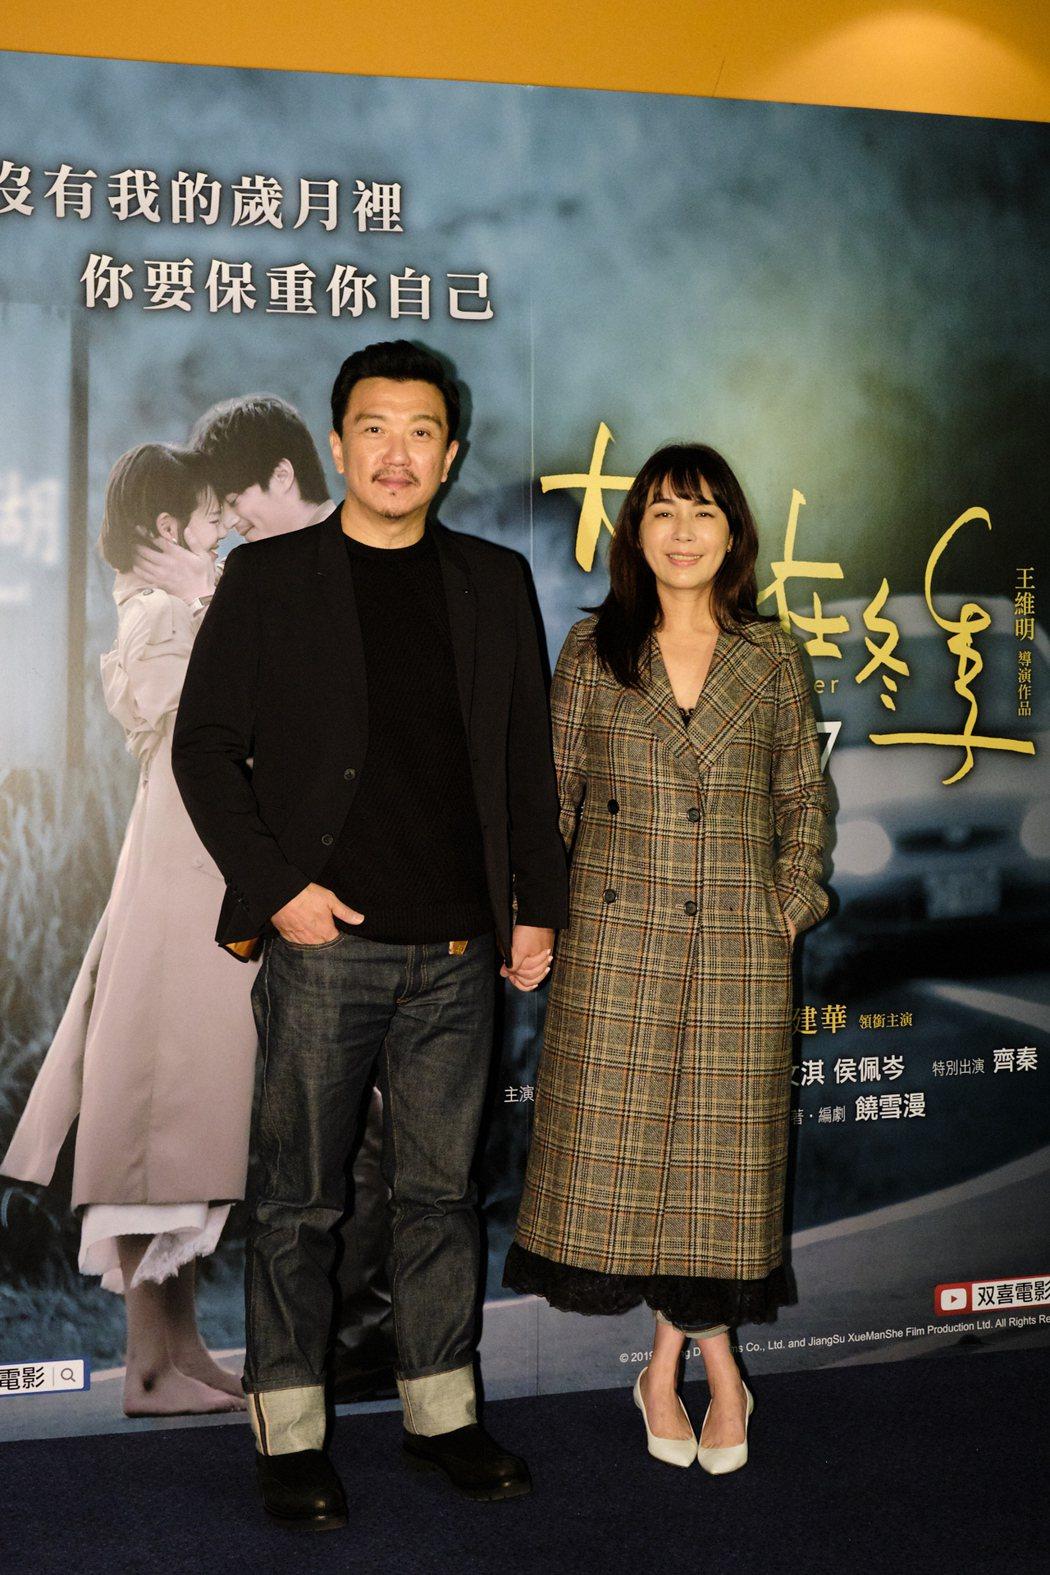 「大約在冬季」導演王維明和另一半陳婉若出席包場活動。圖/双喜提供